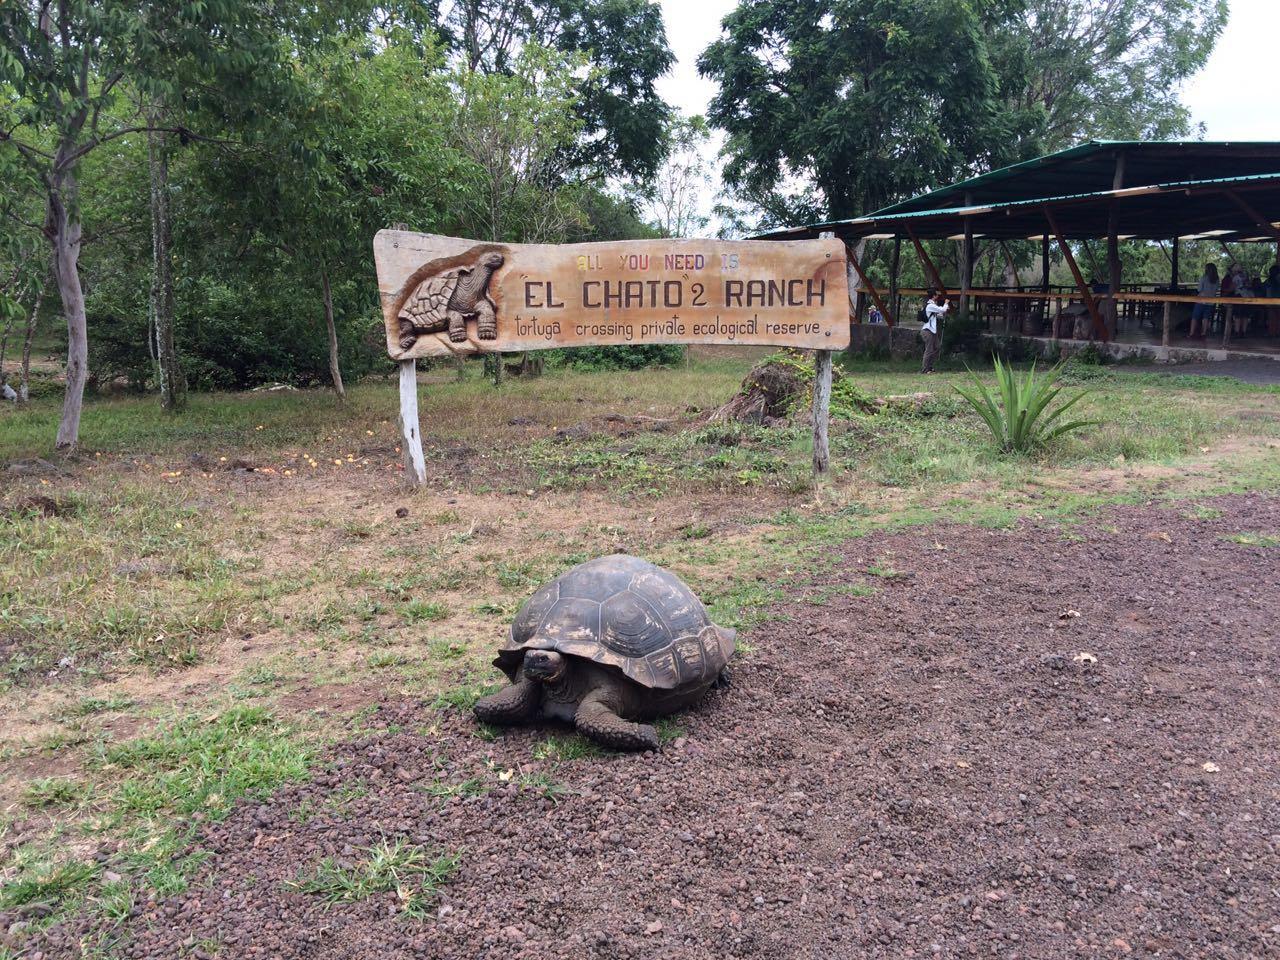 Encuentro de creacionismo en las Islas Galápagos 7